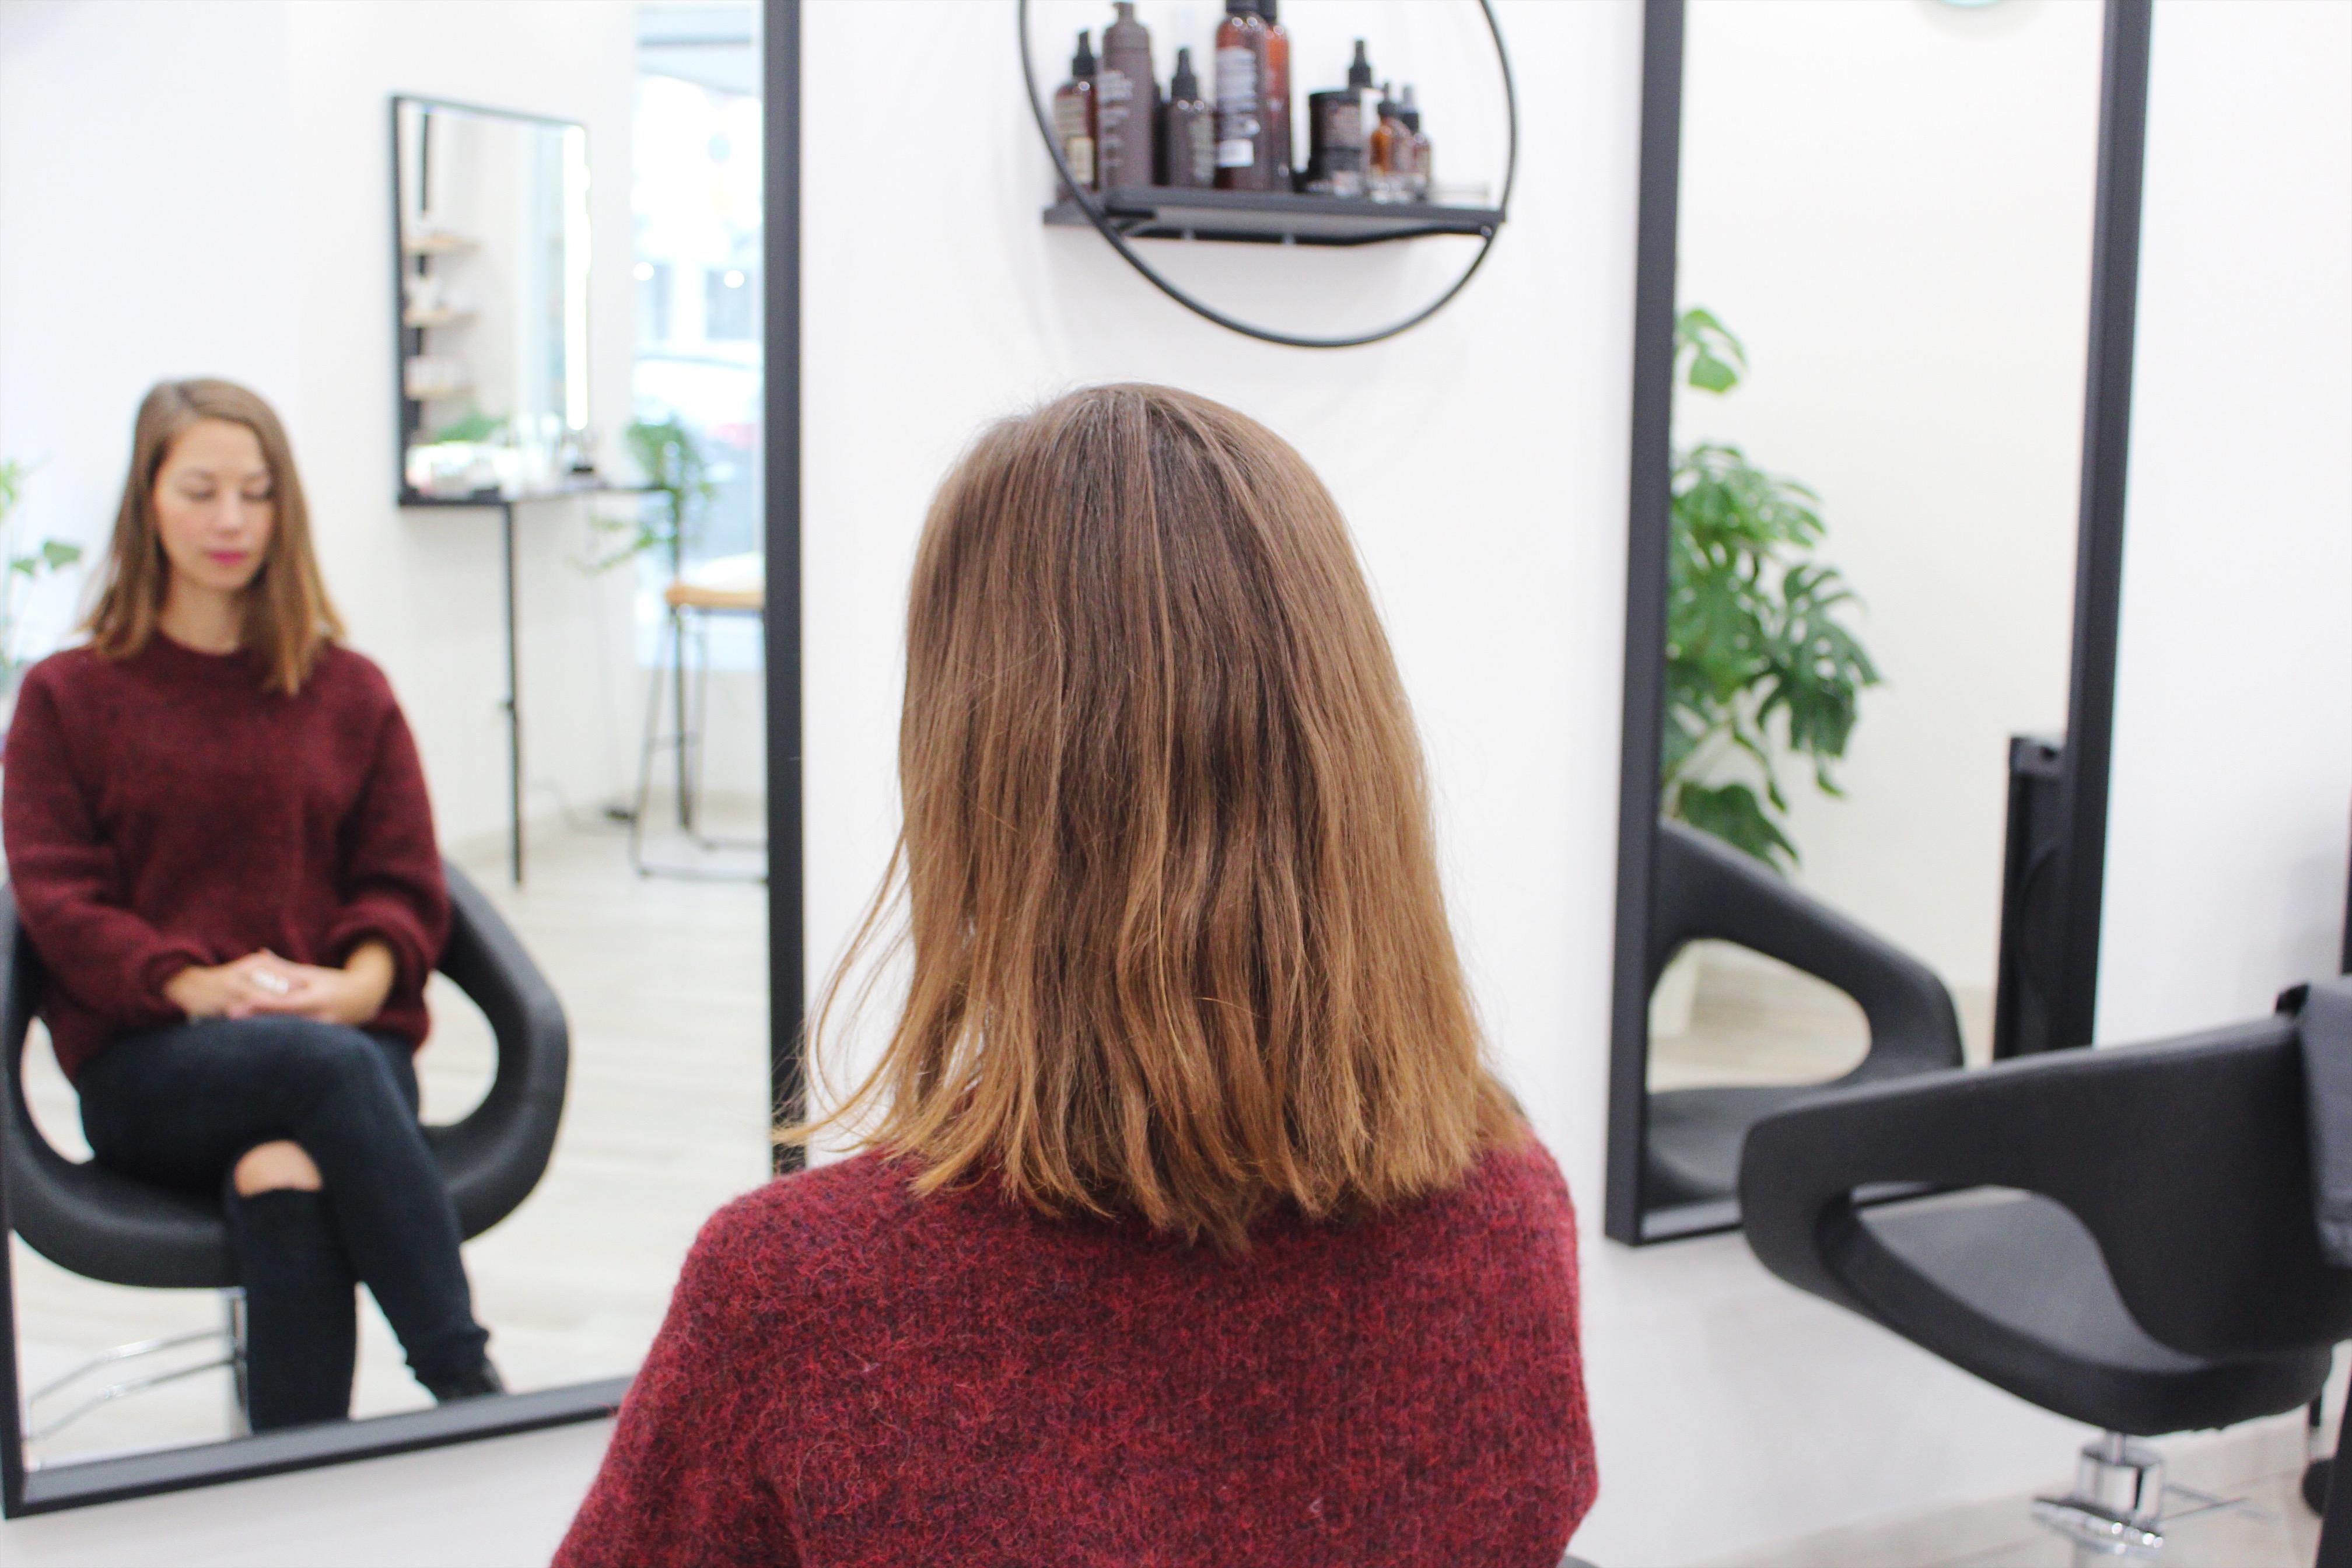 Uusi elämä, uusi tukka eli tietopaketti kasvivärjäyksestä